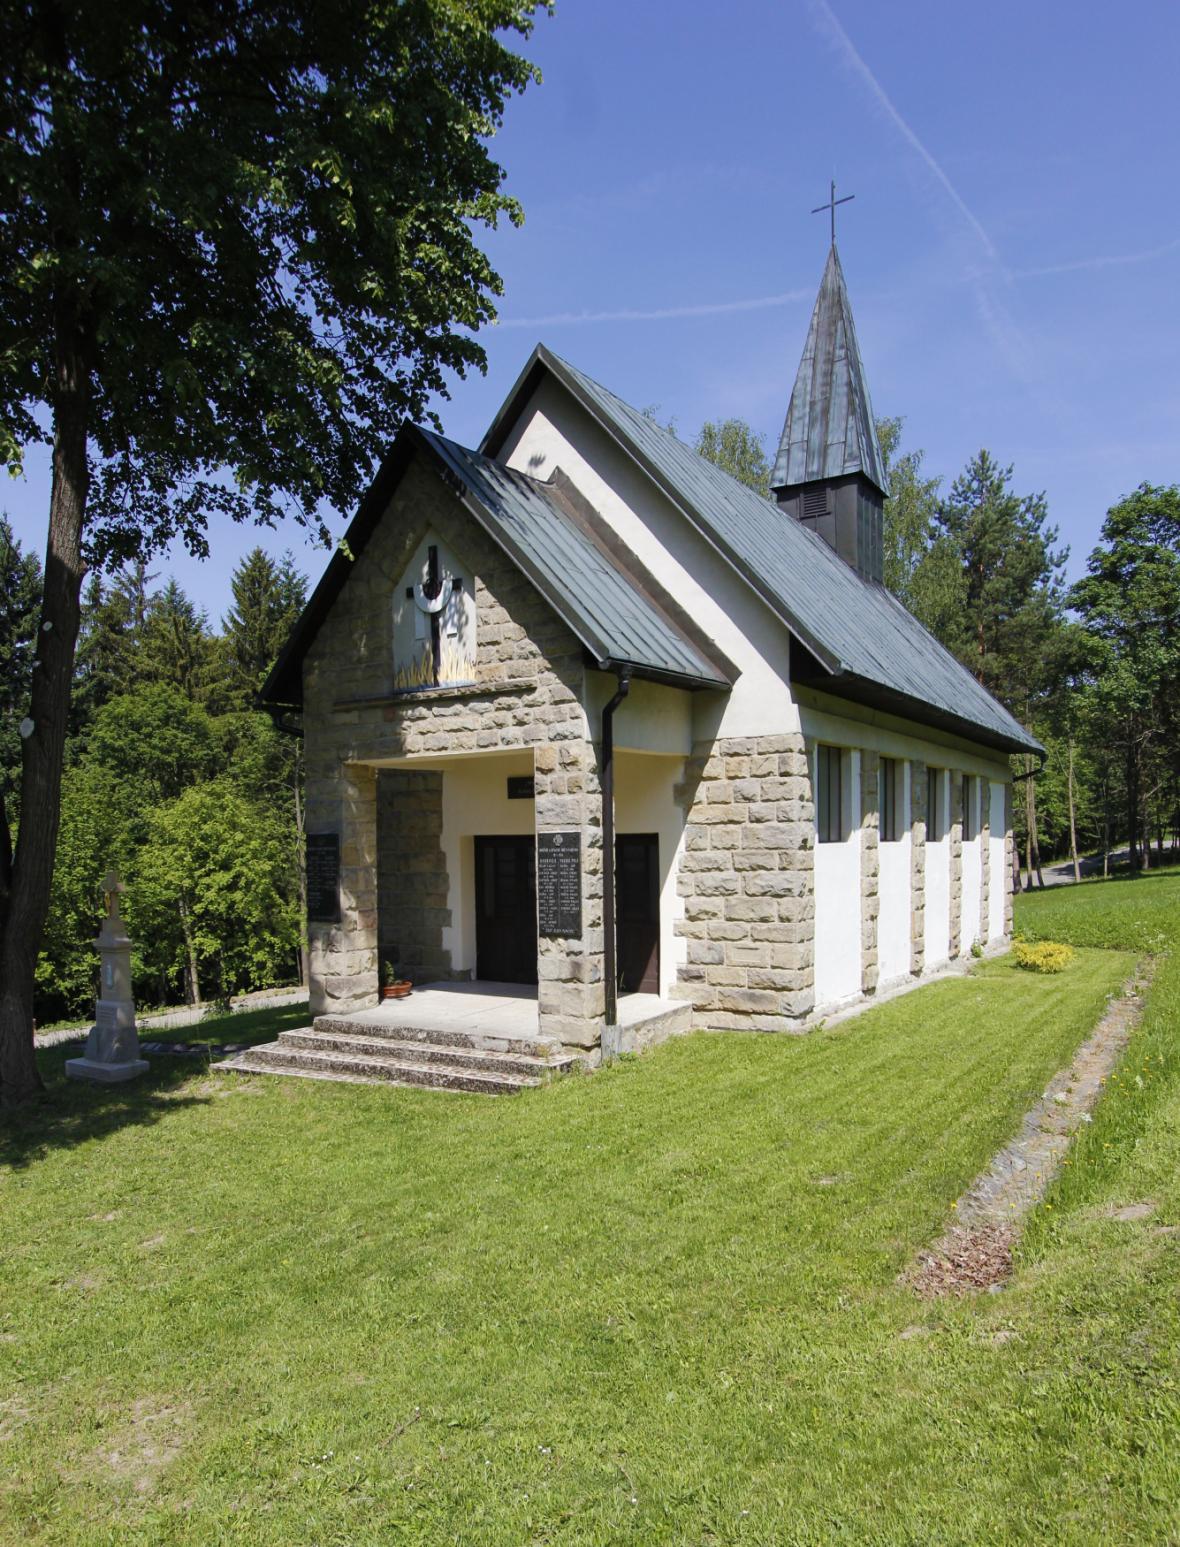 Kaple postavená po válce nese u vchodu jména obětí